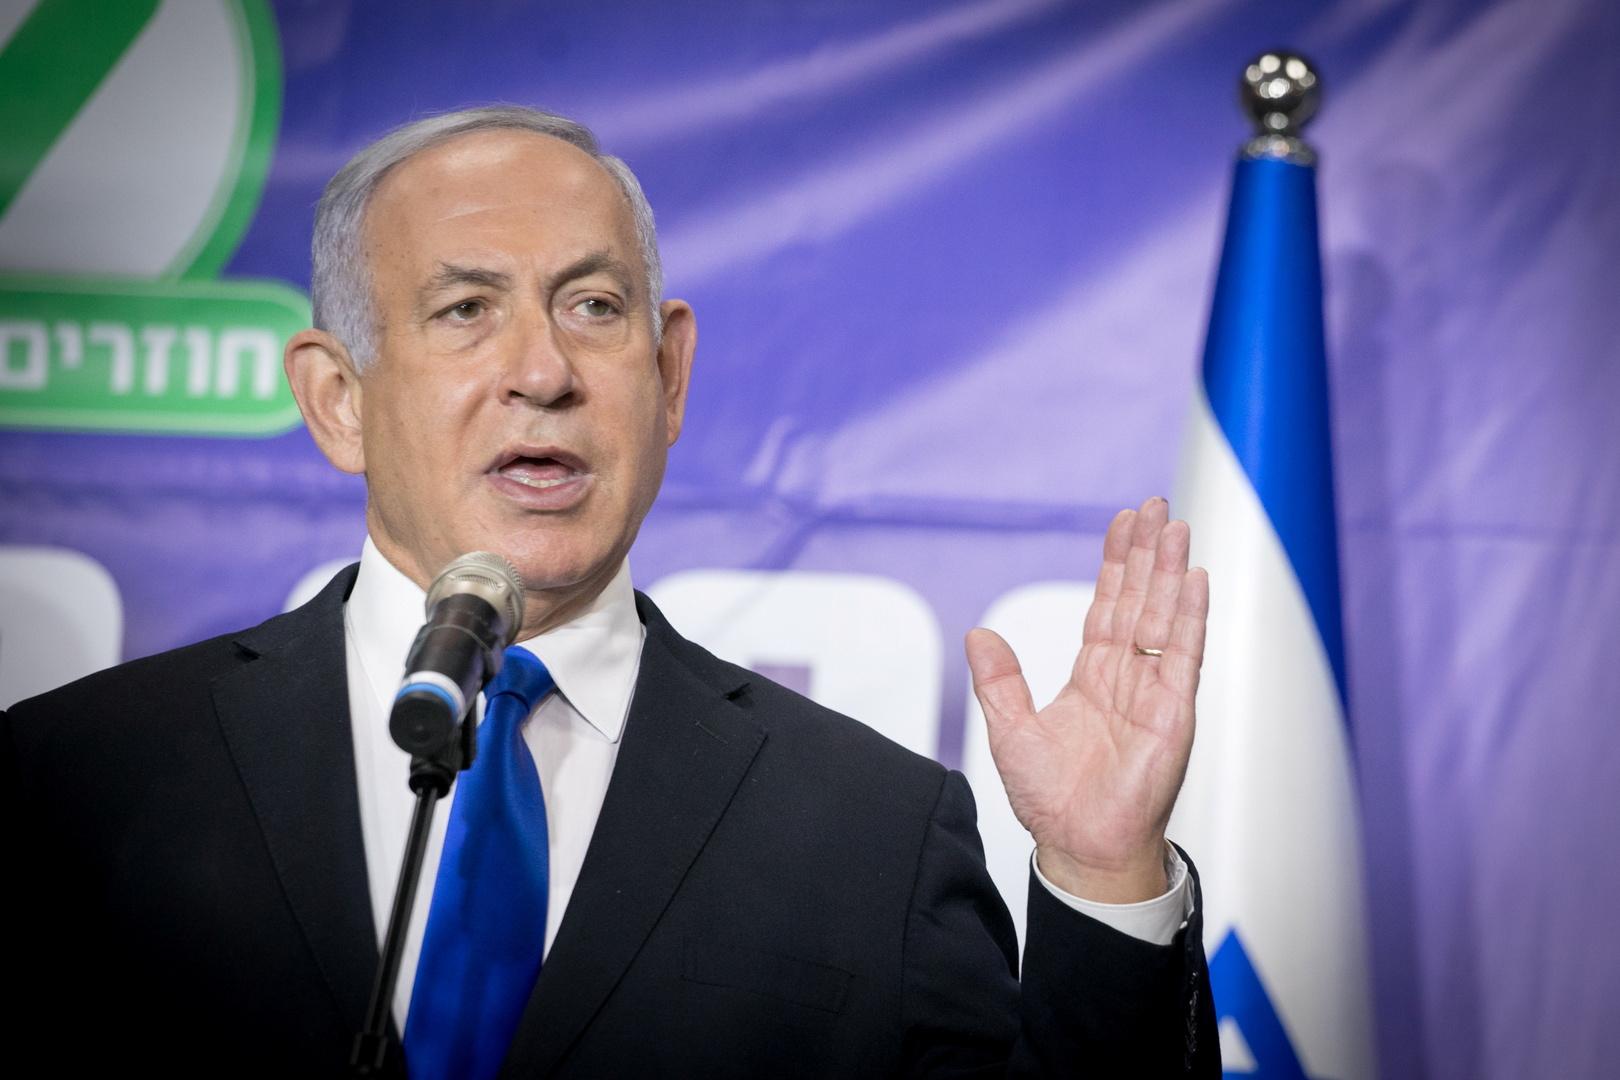 نتنياهو عن التطورات في القدس: سنواصل البناء رغم الضغوط المتزايدة